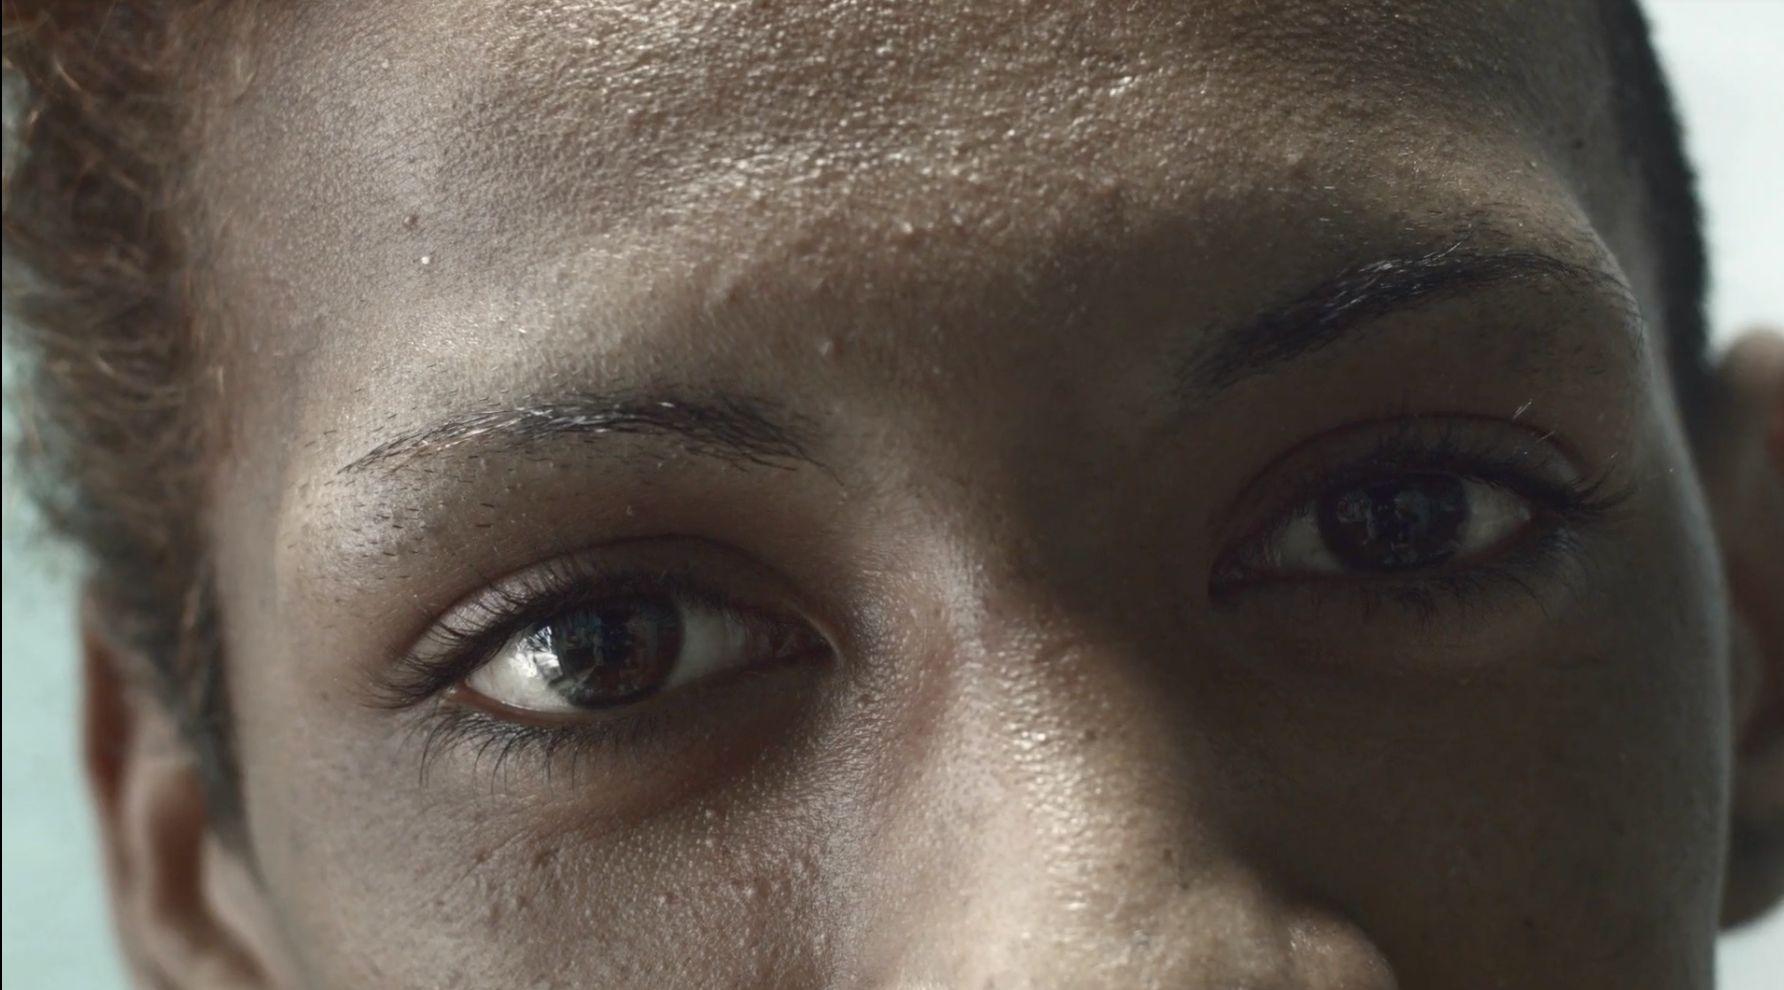 O documentário que conta a história de 3 mulheres negras em busca de educação no